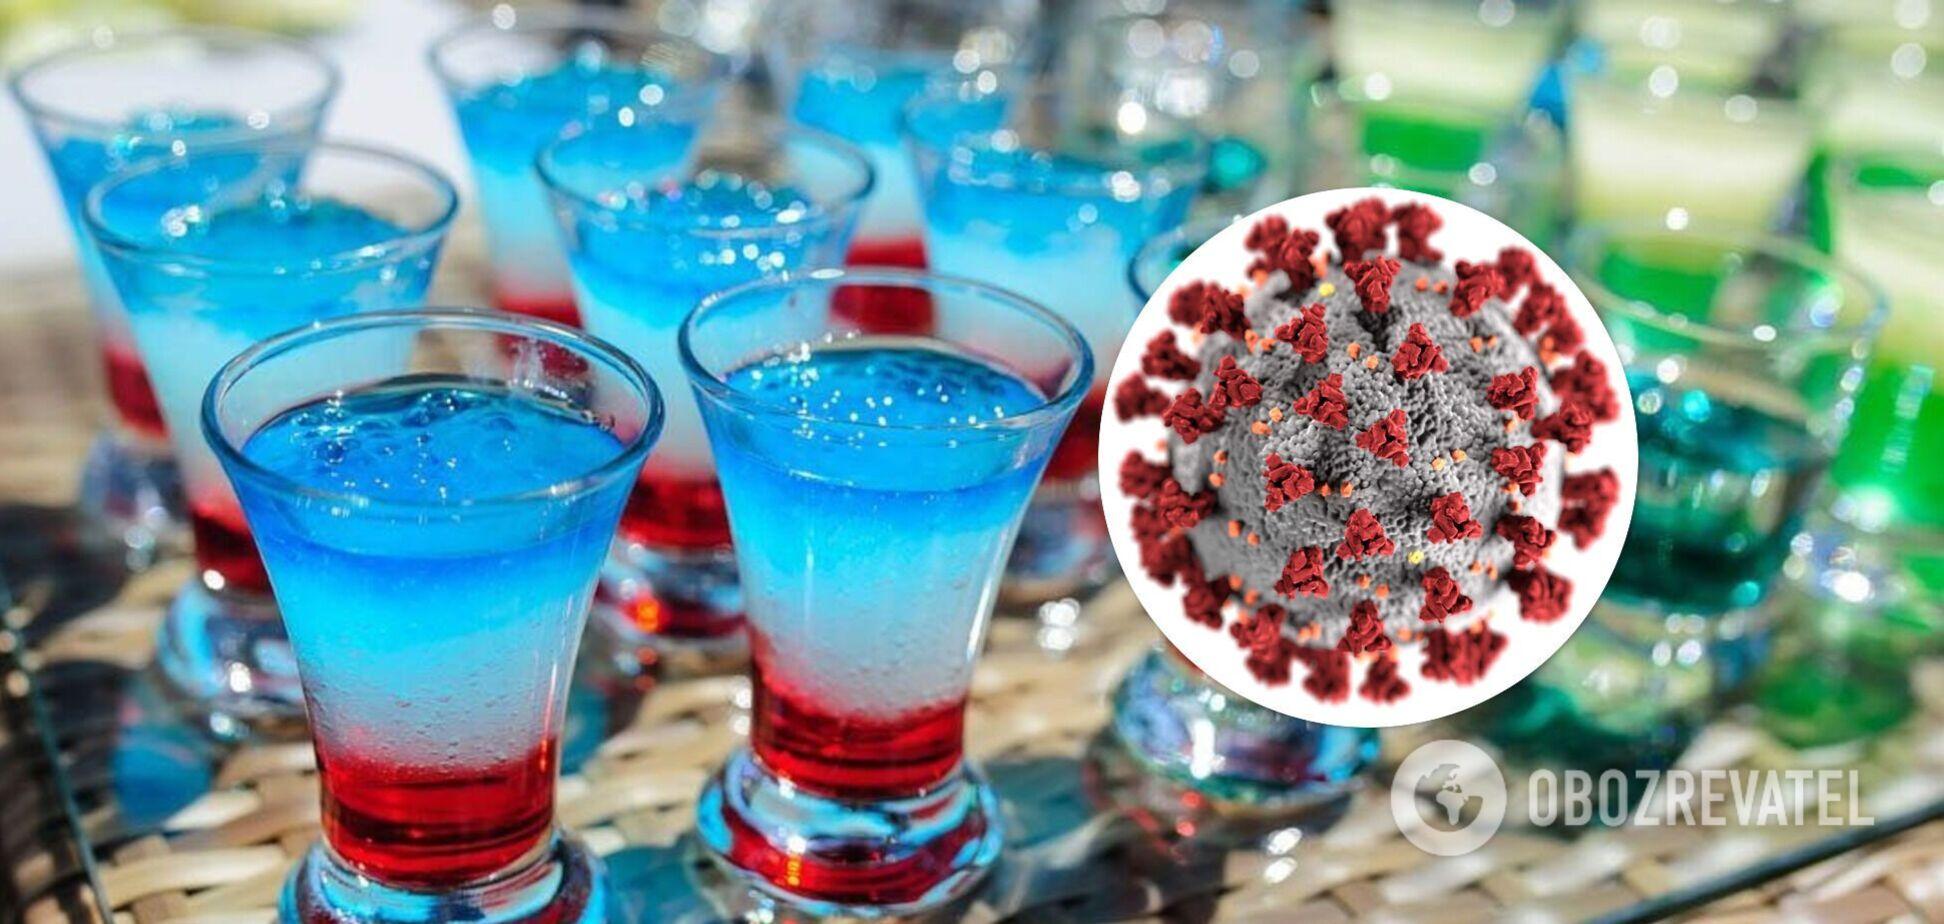 Шмайзер и Корона Фак: в Одессе посетителям бара предлагают 'ковидные' коктейли. Фото